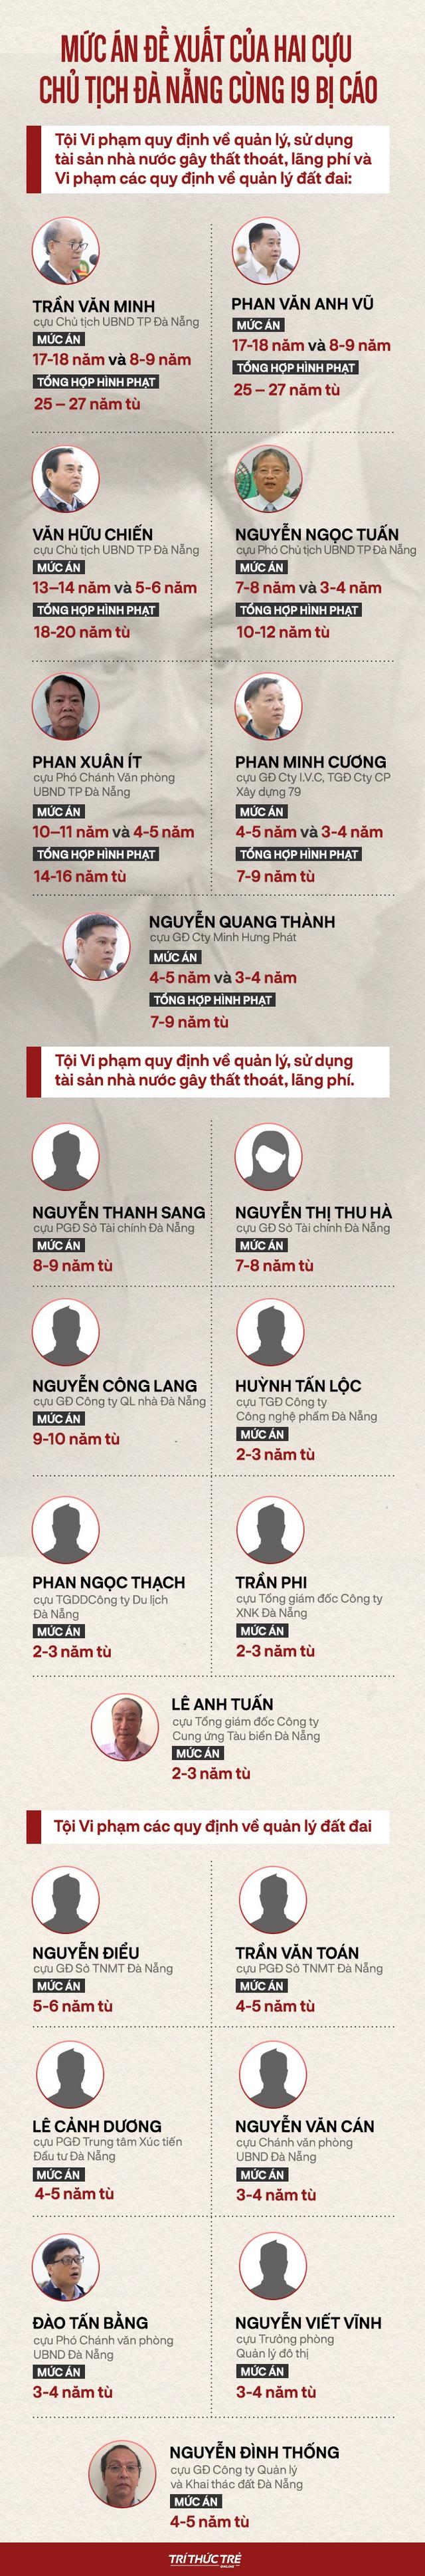 Tuyên án 2 cựu Chủ tịch Đà Nẵng: HĐXX nhận định, bị cáo Phan Văn Anh Vũ có quyền lực rất lớn - Ảnh 2.